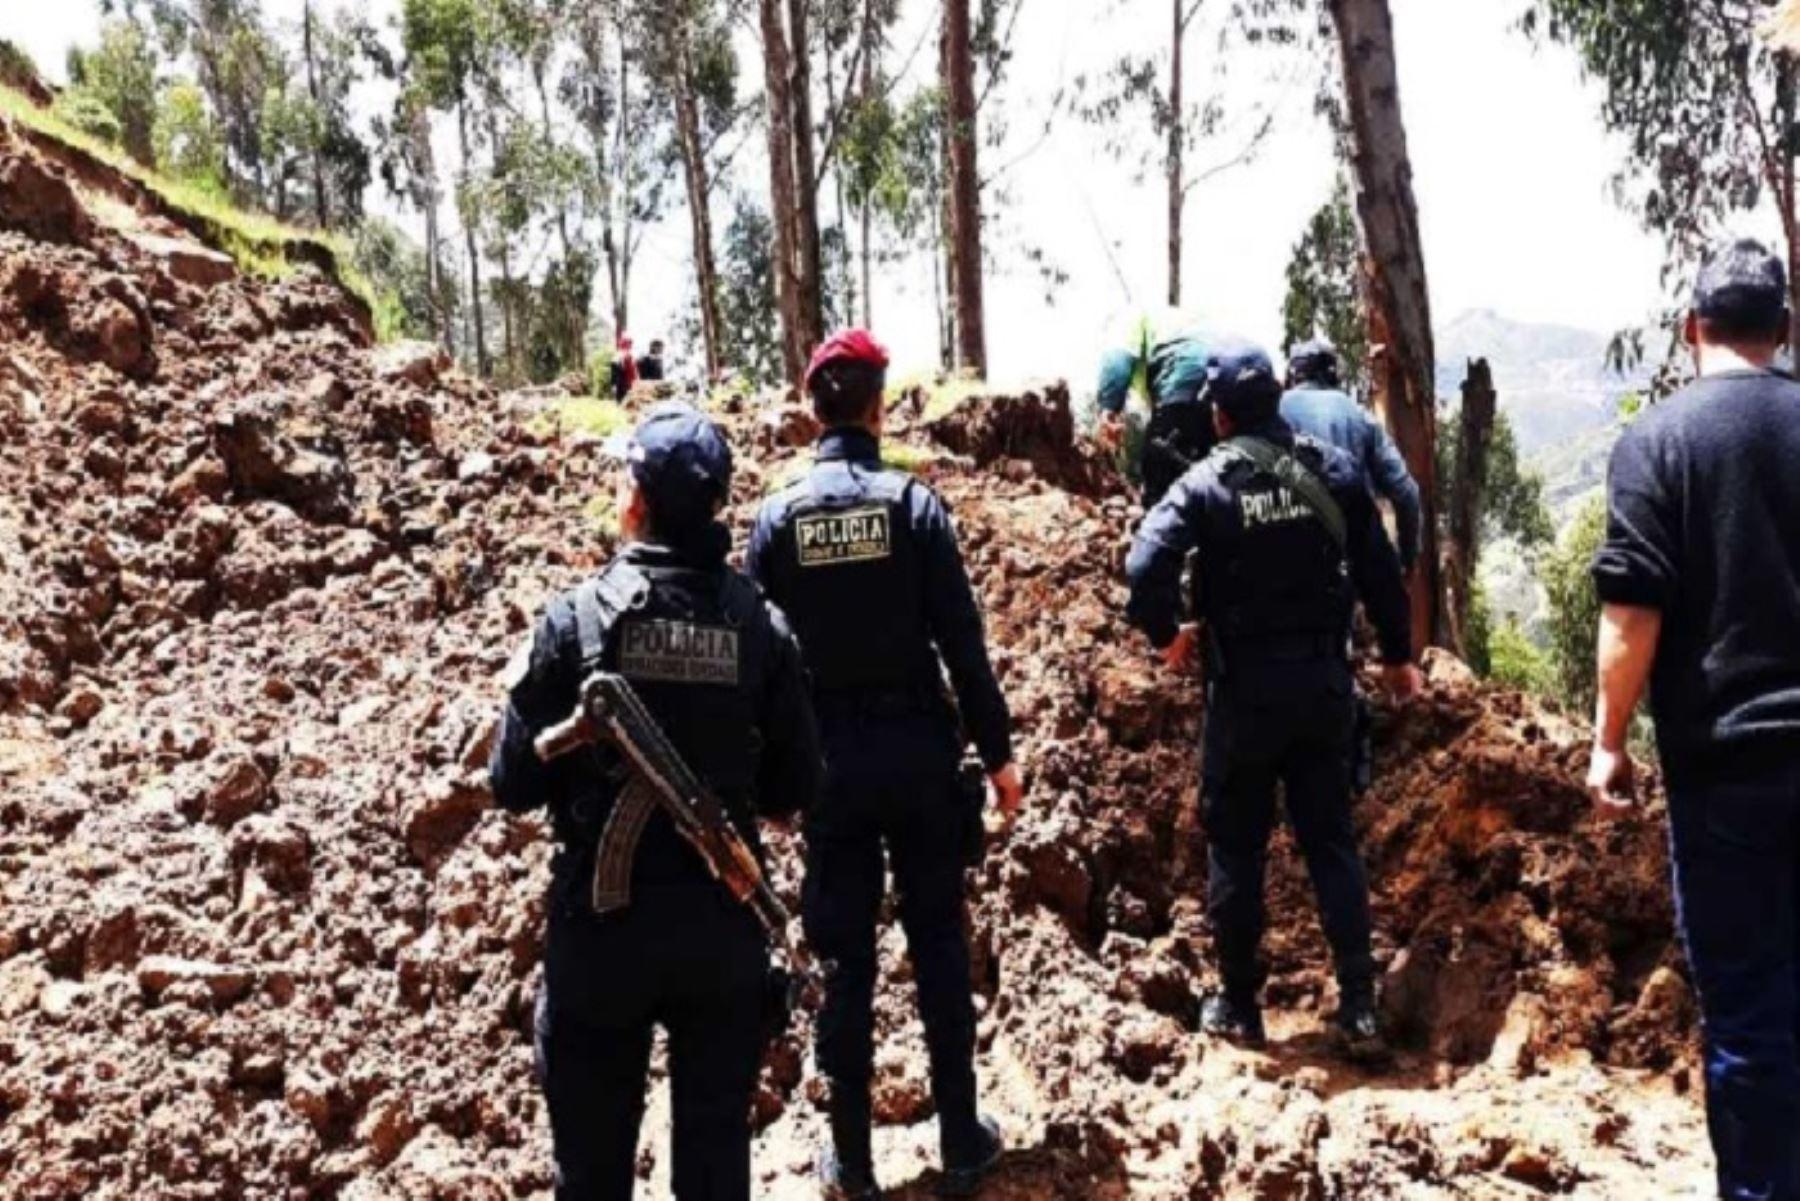 Los huaicos y desbordes que se registran en Pasco, a consecuencia de las intensas lluvias, cobran su primera víctima en esta región, informó la Policía local.